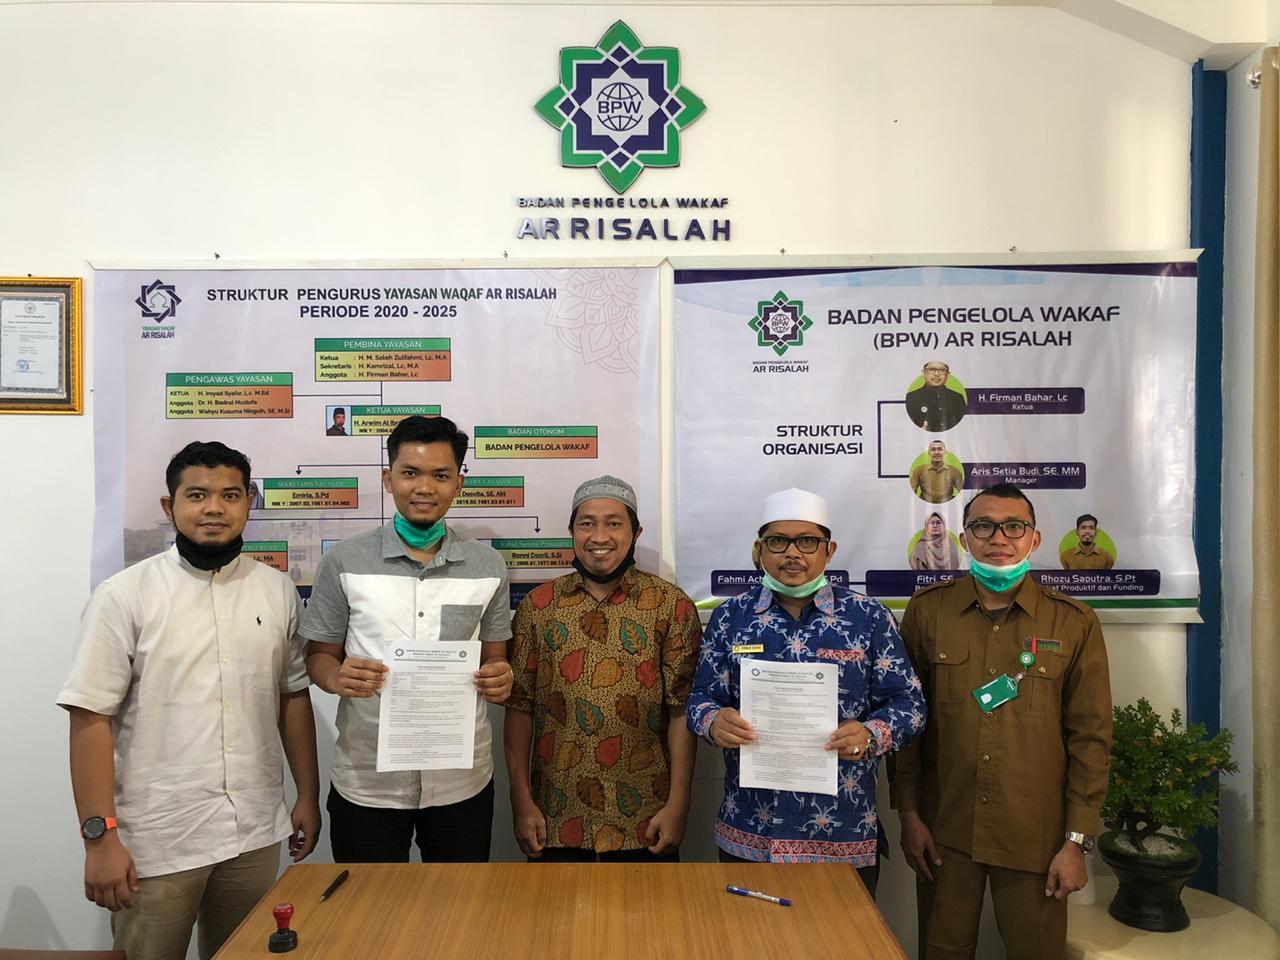 Kembangkan Wakaf Produktif, BPW Ar Risalah Teken MoU Dengan Rajawali Group